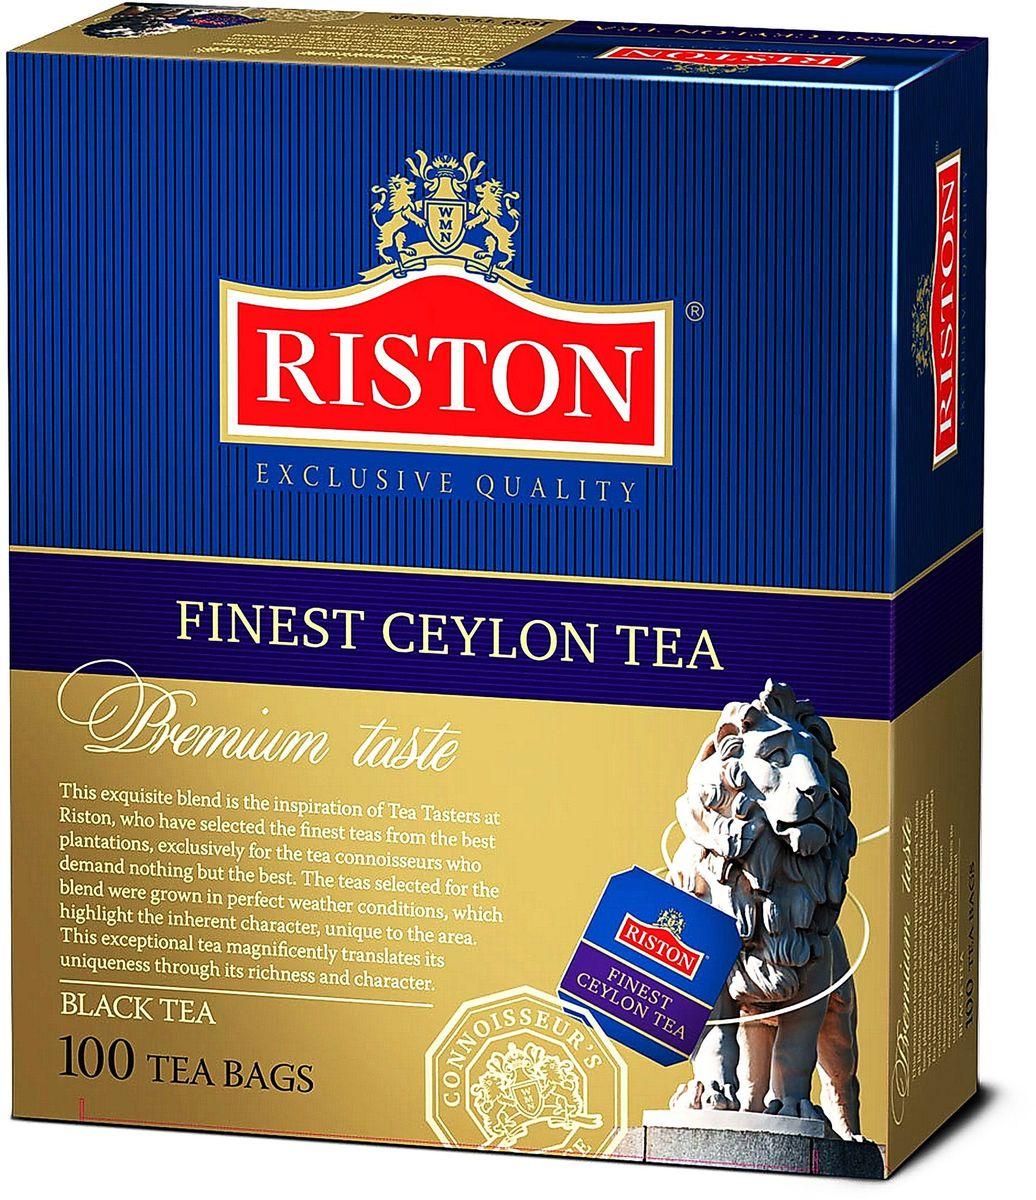 Riston Файнест Цейлон черный чай в пакетиках, 100 шт4792156001746Черный чай Riston Файнест Цейлон с классическим вкусом и богатым насыщенным ароматом, собранный на горных плантациях Димбулы (Цейлон), согревает наши мысли и дарит удивительное настроение на весь день. Оставляет долгое, необыкновенно приятное послевкусие. Стандарт BOPF.Всё о чае: сорта, факты, советы по выбору и употреблению. Статья OZON Гид